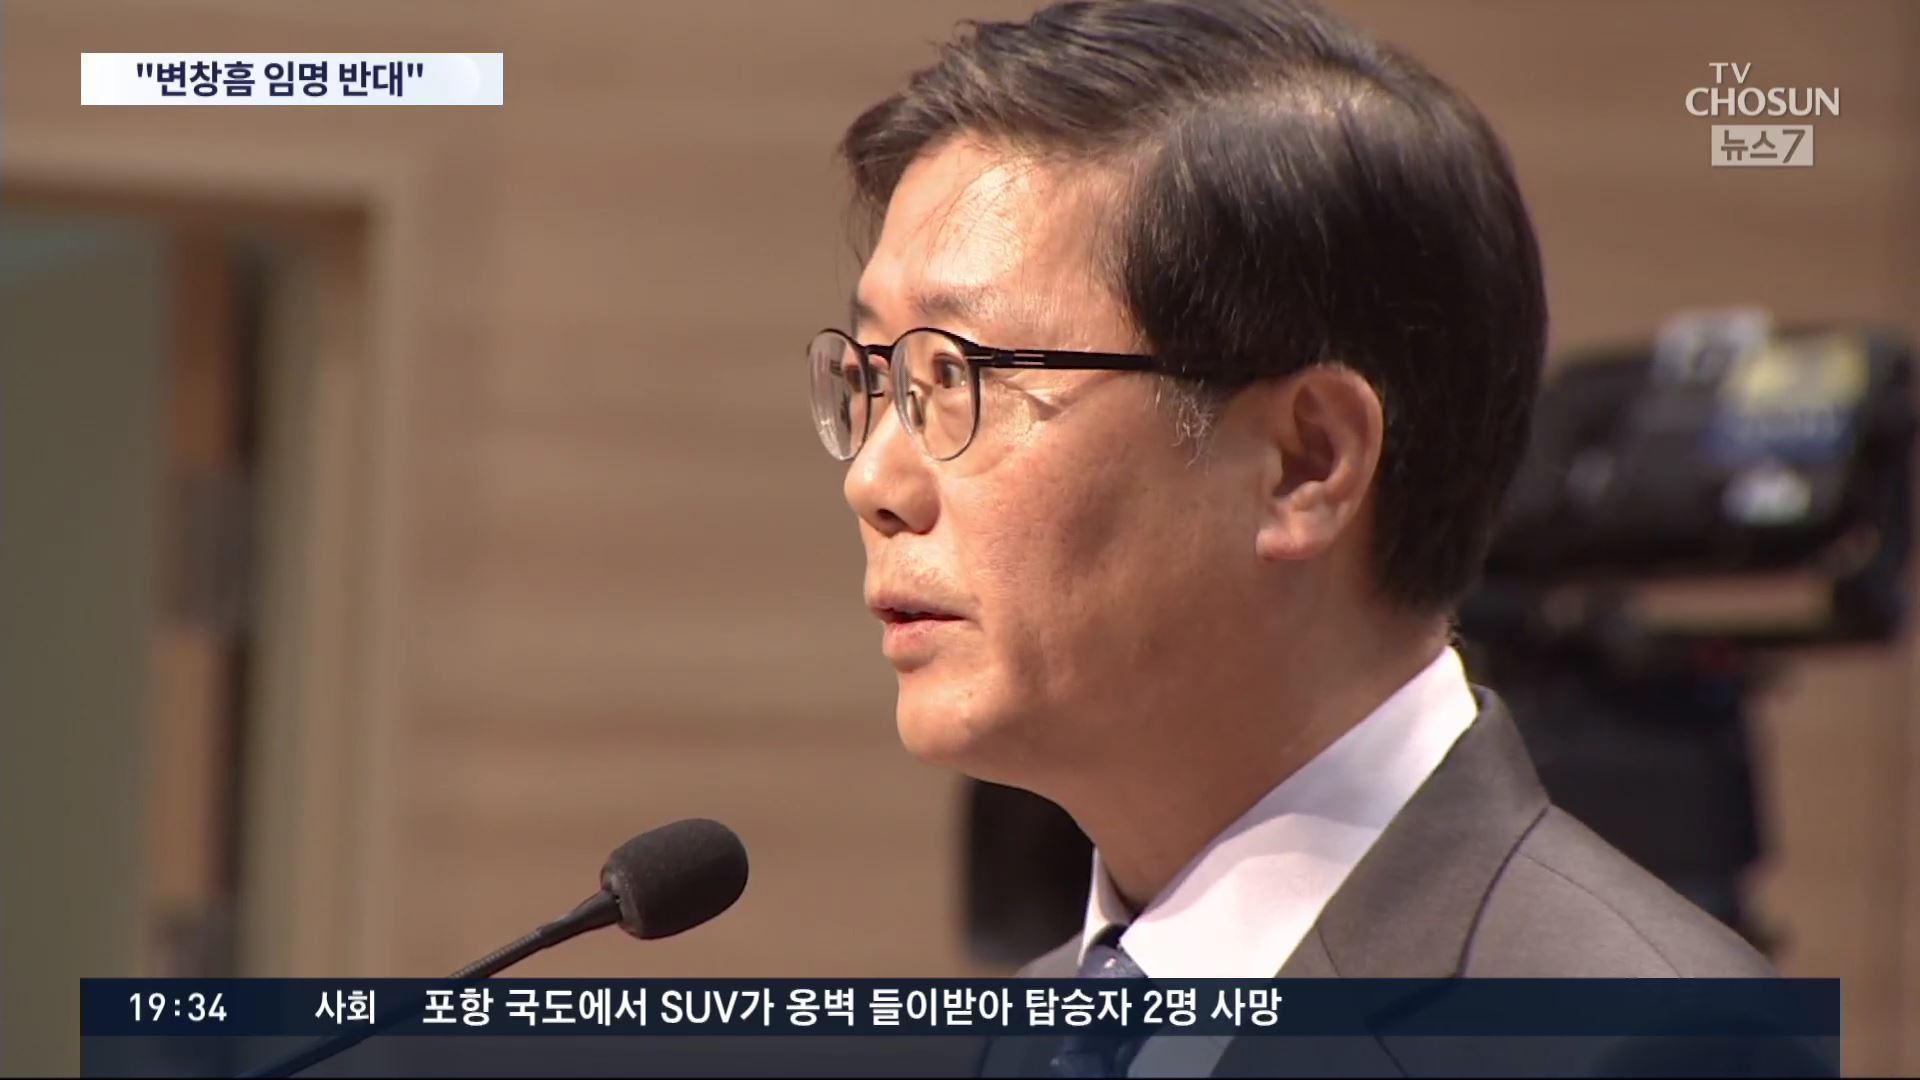 서울교통공사노조·청년단체, 20일 靑 앞 시위…'변창흠 임명, '반노동 정권' 실토하는 일'